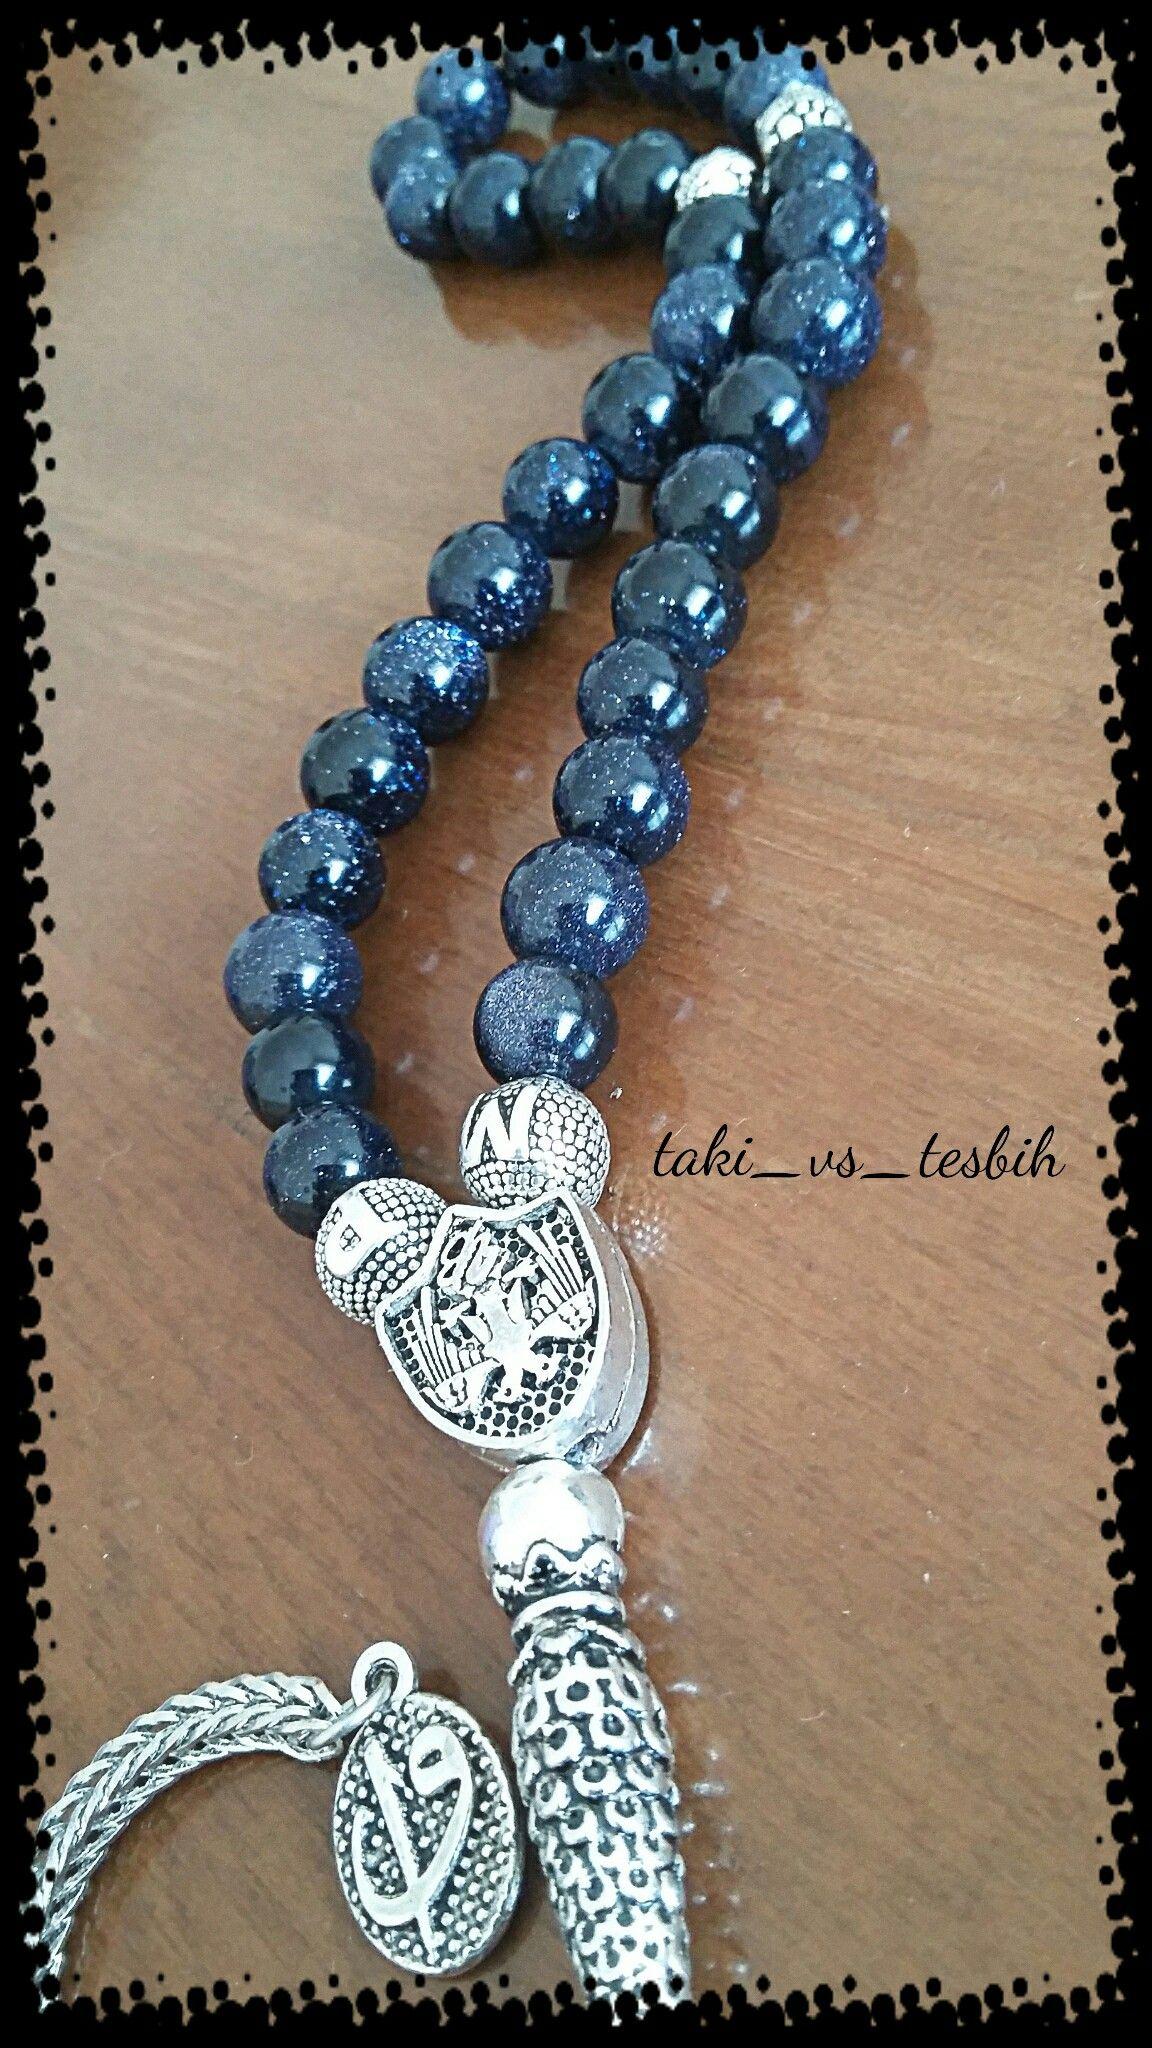 erkek tesbihi handmade prayer beads